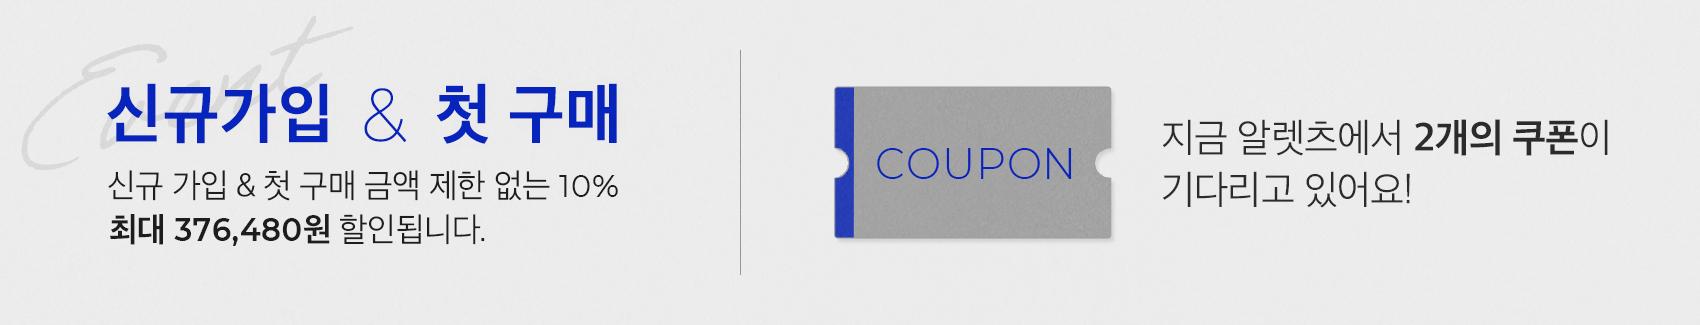 신규가입 & 첫 구매 쿠폰